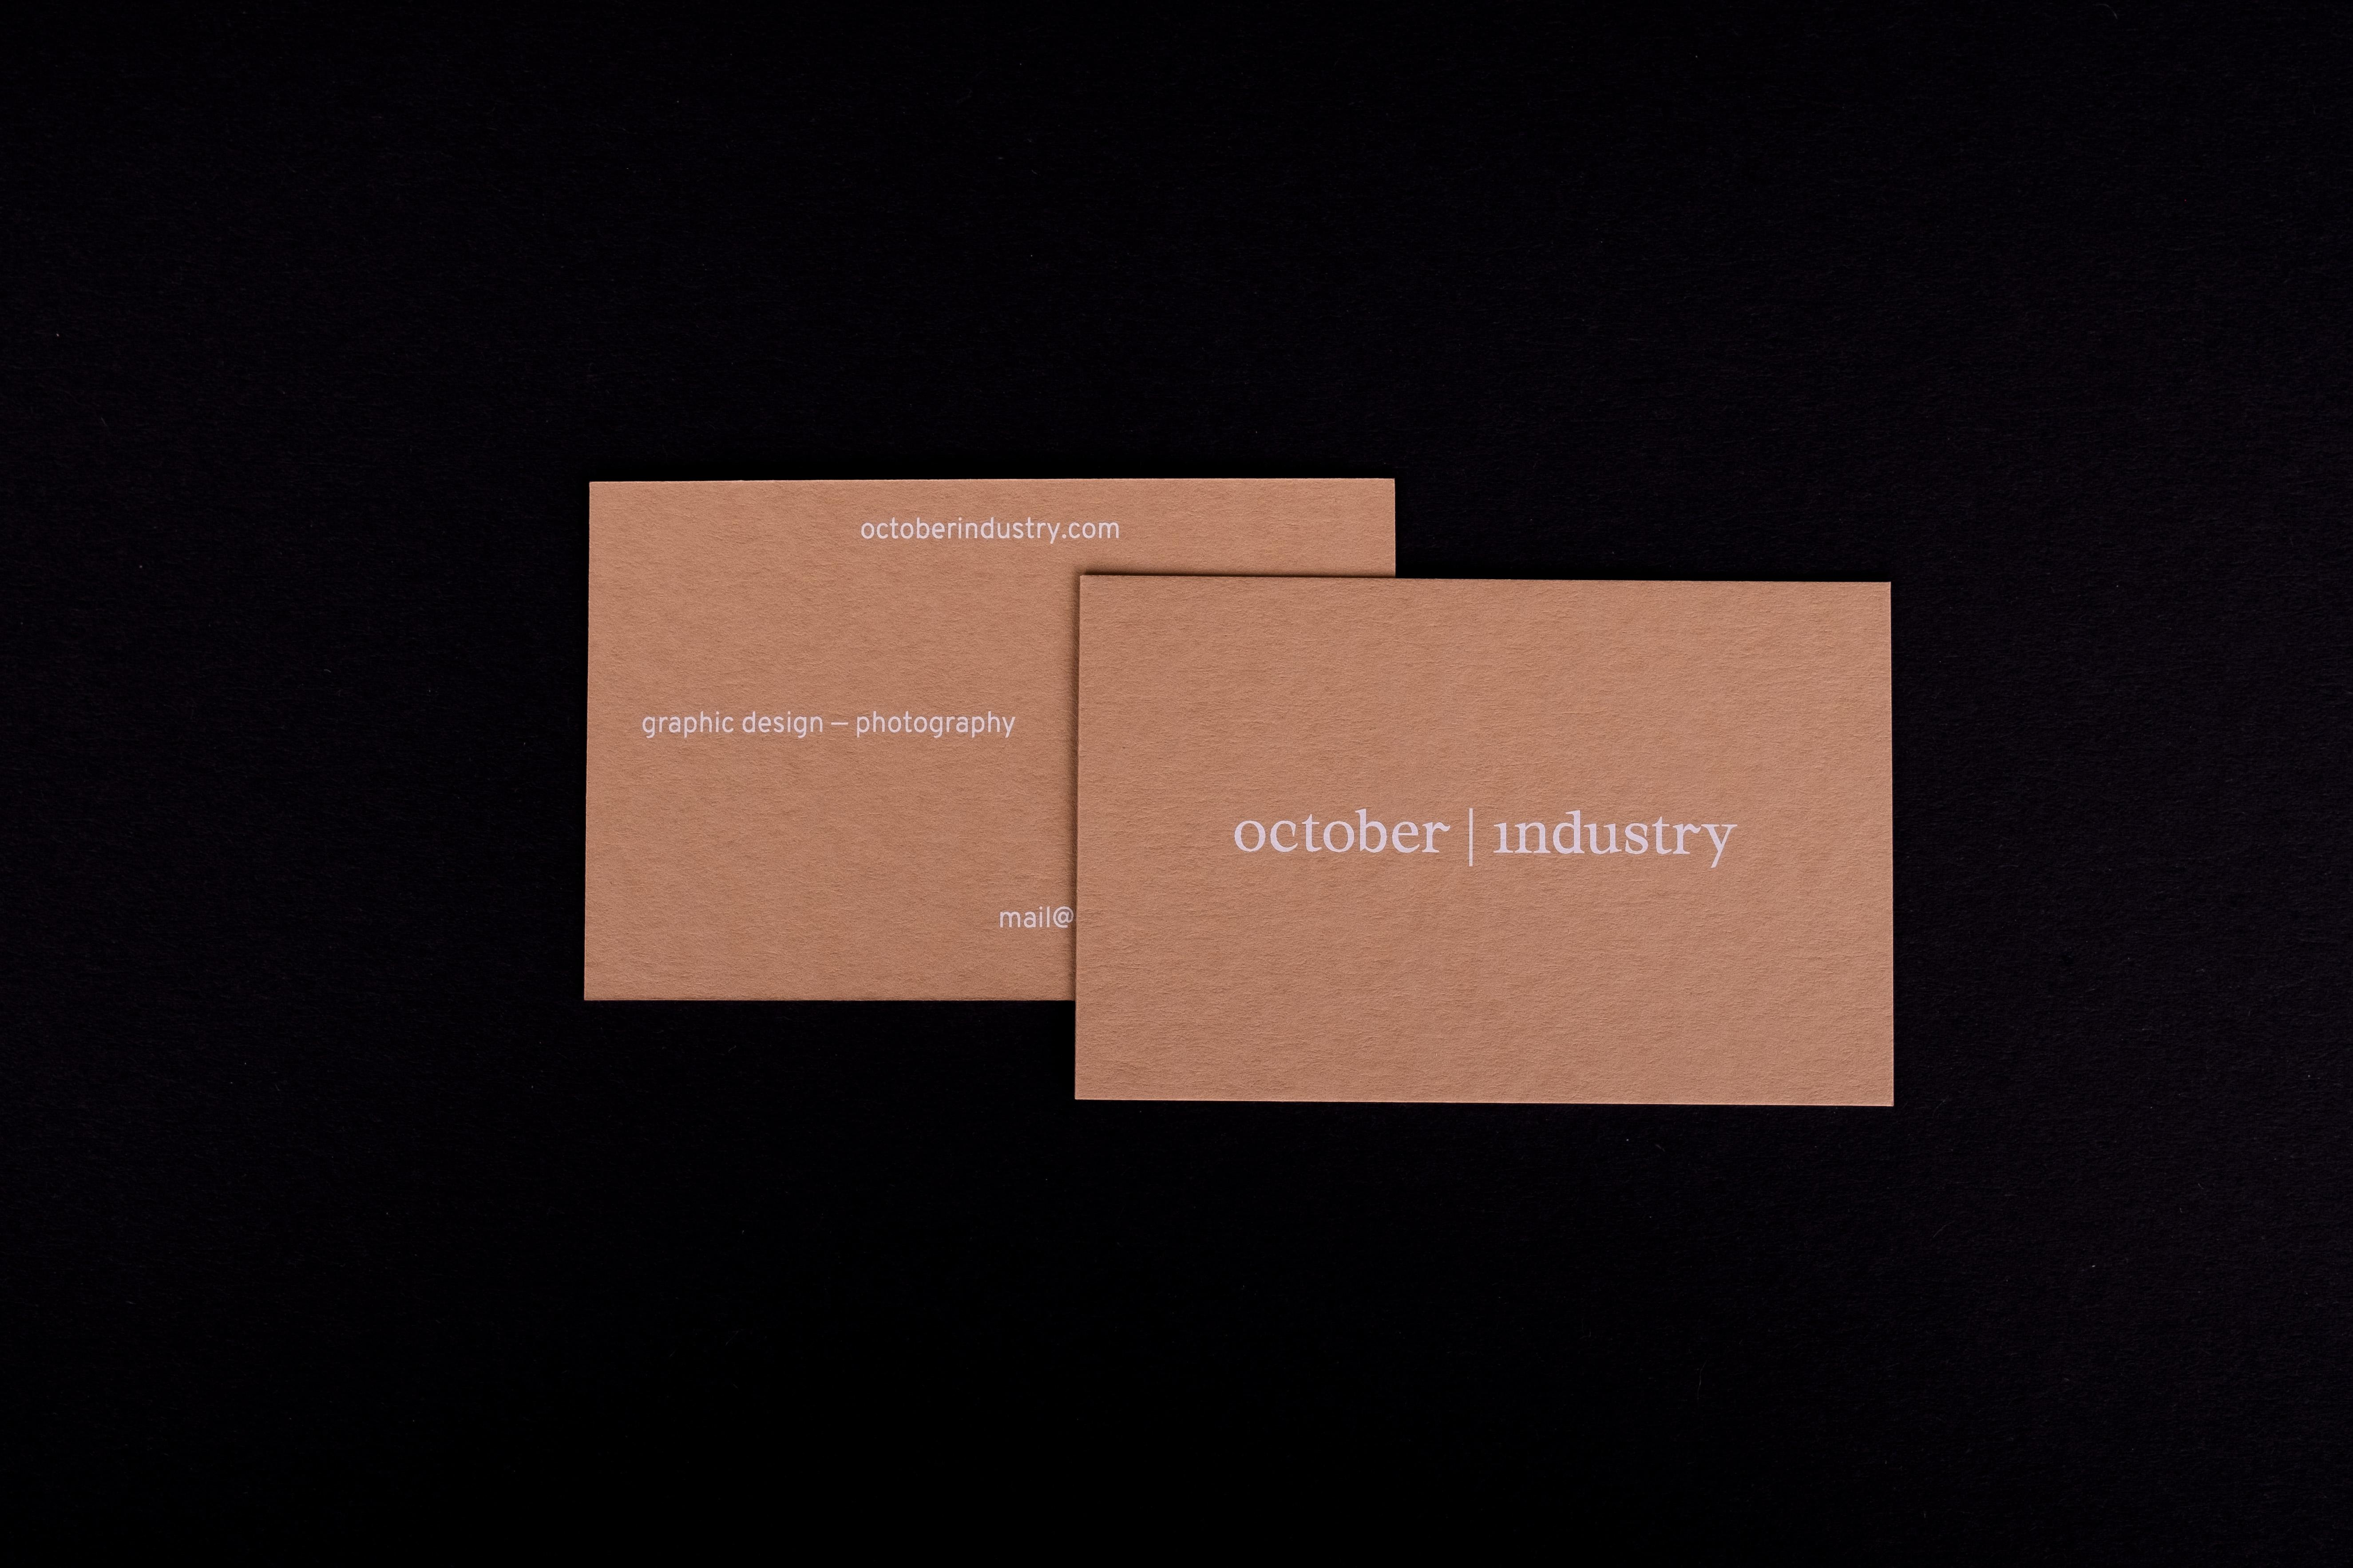 Work October Industry